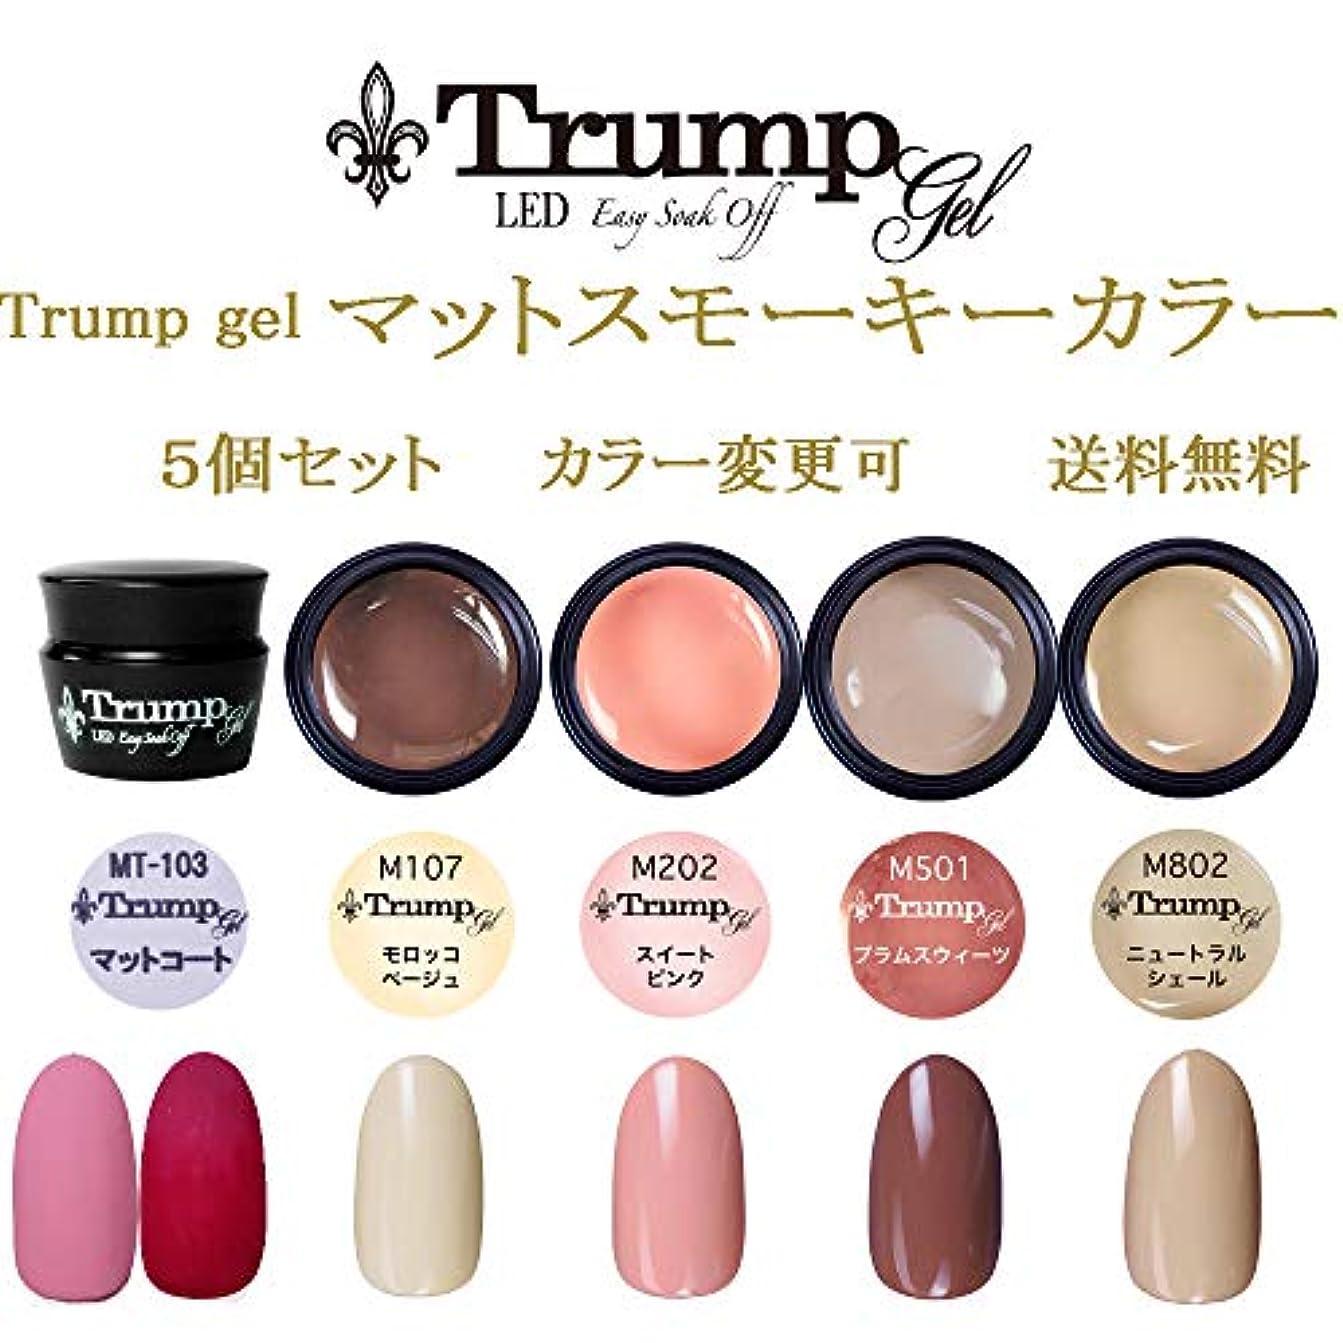 協力する退屈させる大事にする【送料無料】Trumpマットスモーキーカラー選べる カラージェル5個セット